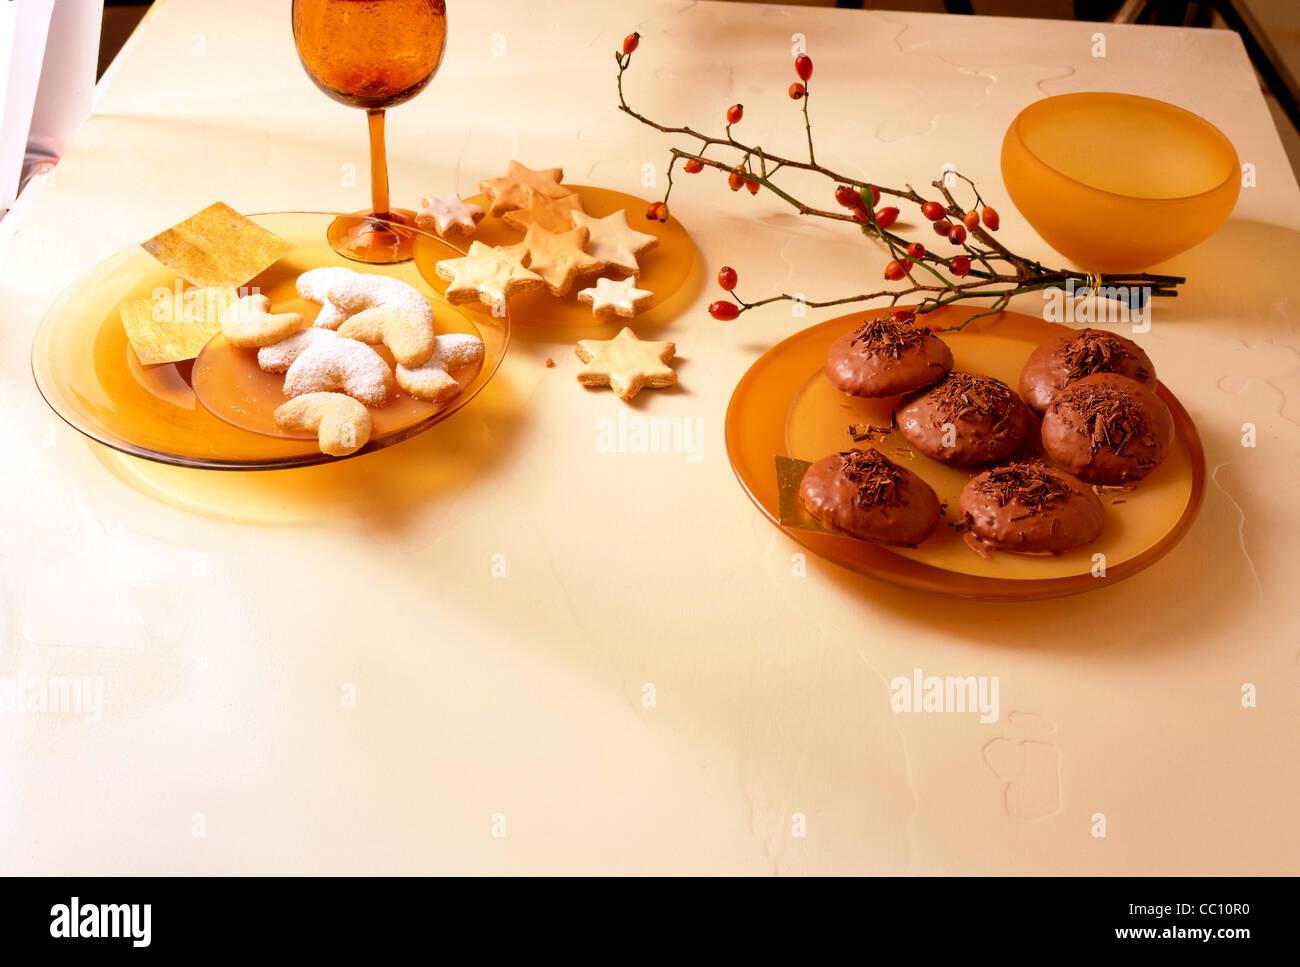 Tableau German Vanilla Cookies German Cinnamon Cookies Chocolate